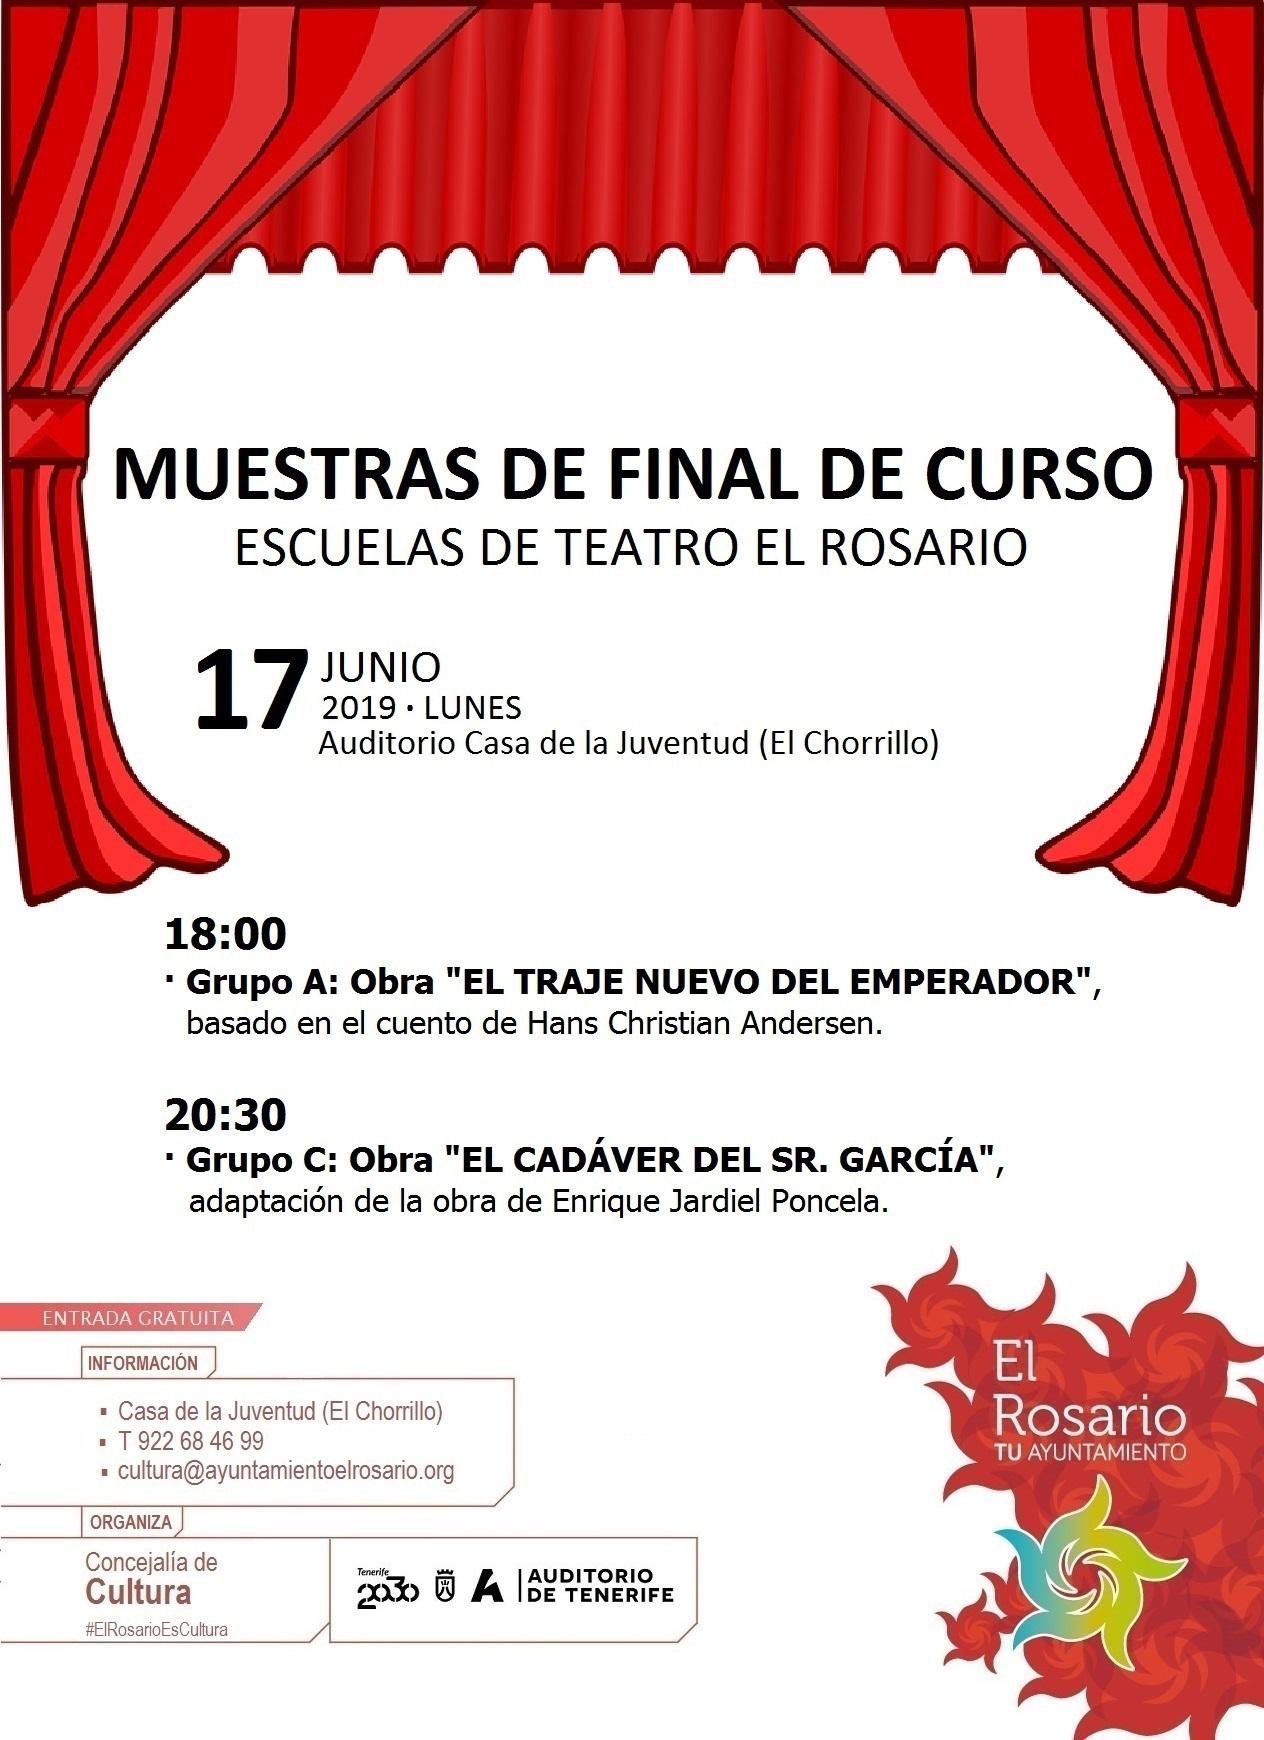 CARTEL MUESTRAS FINAL DE CURSO ESCUELAS DE TEATRO 2018.2019